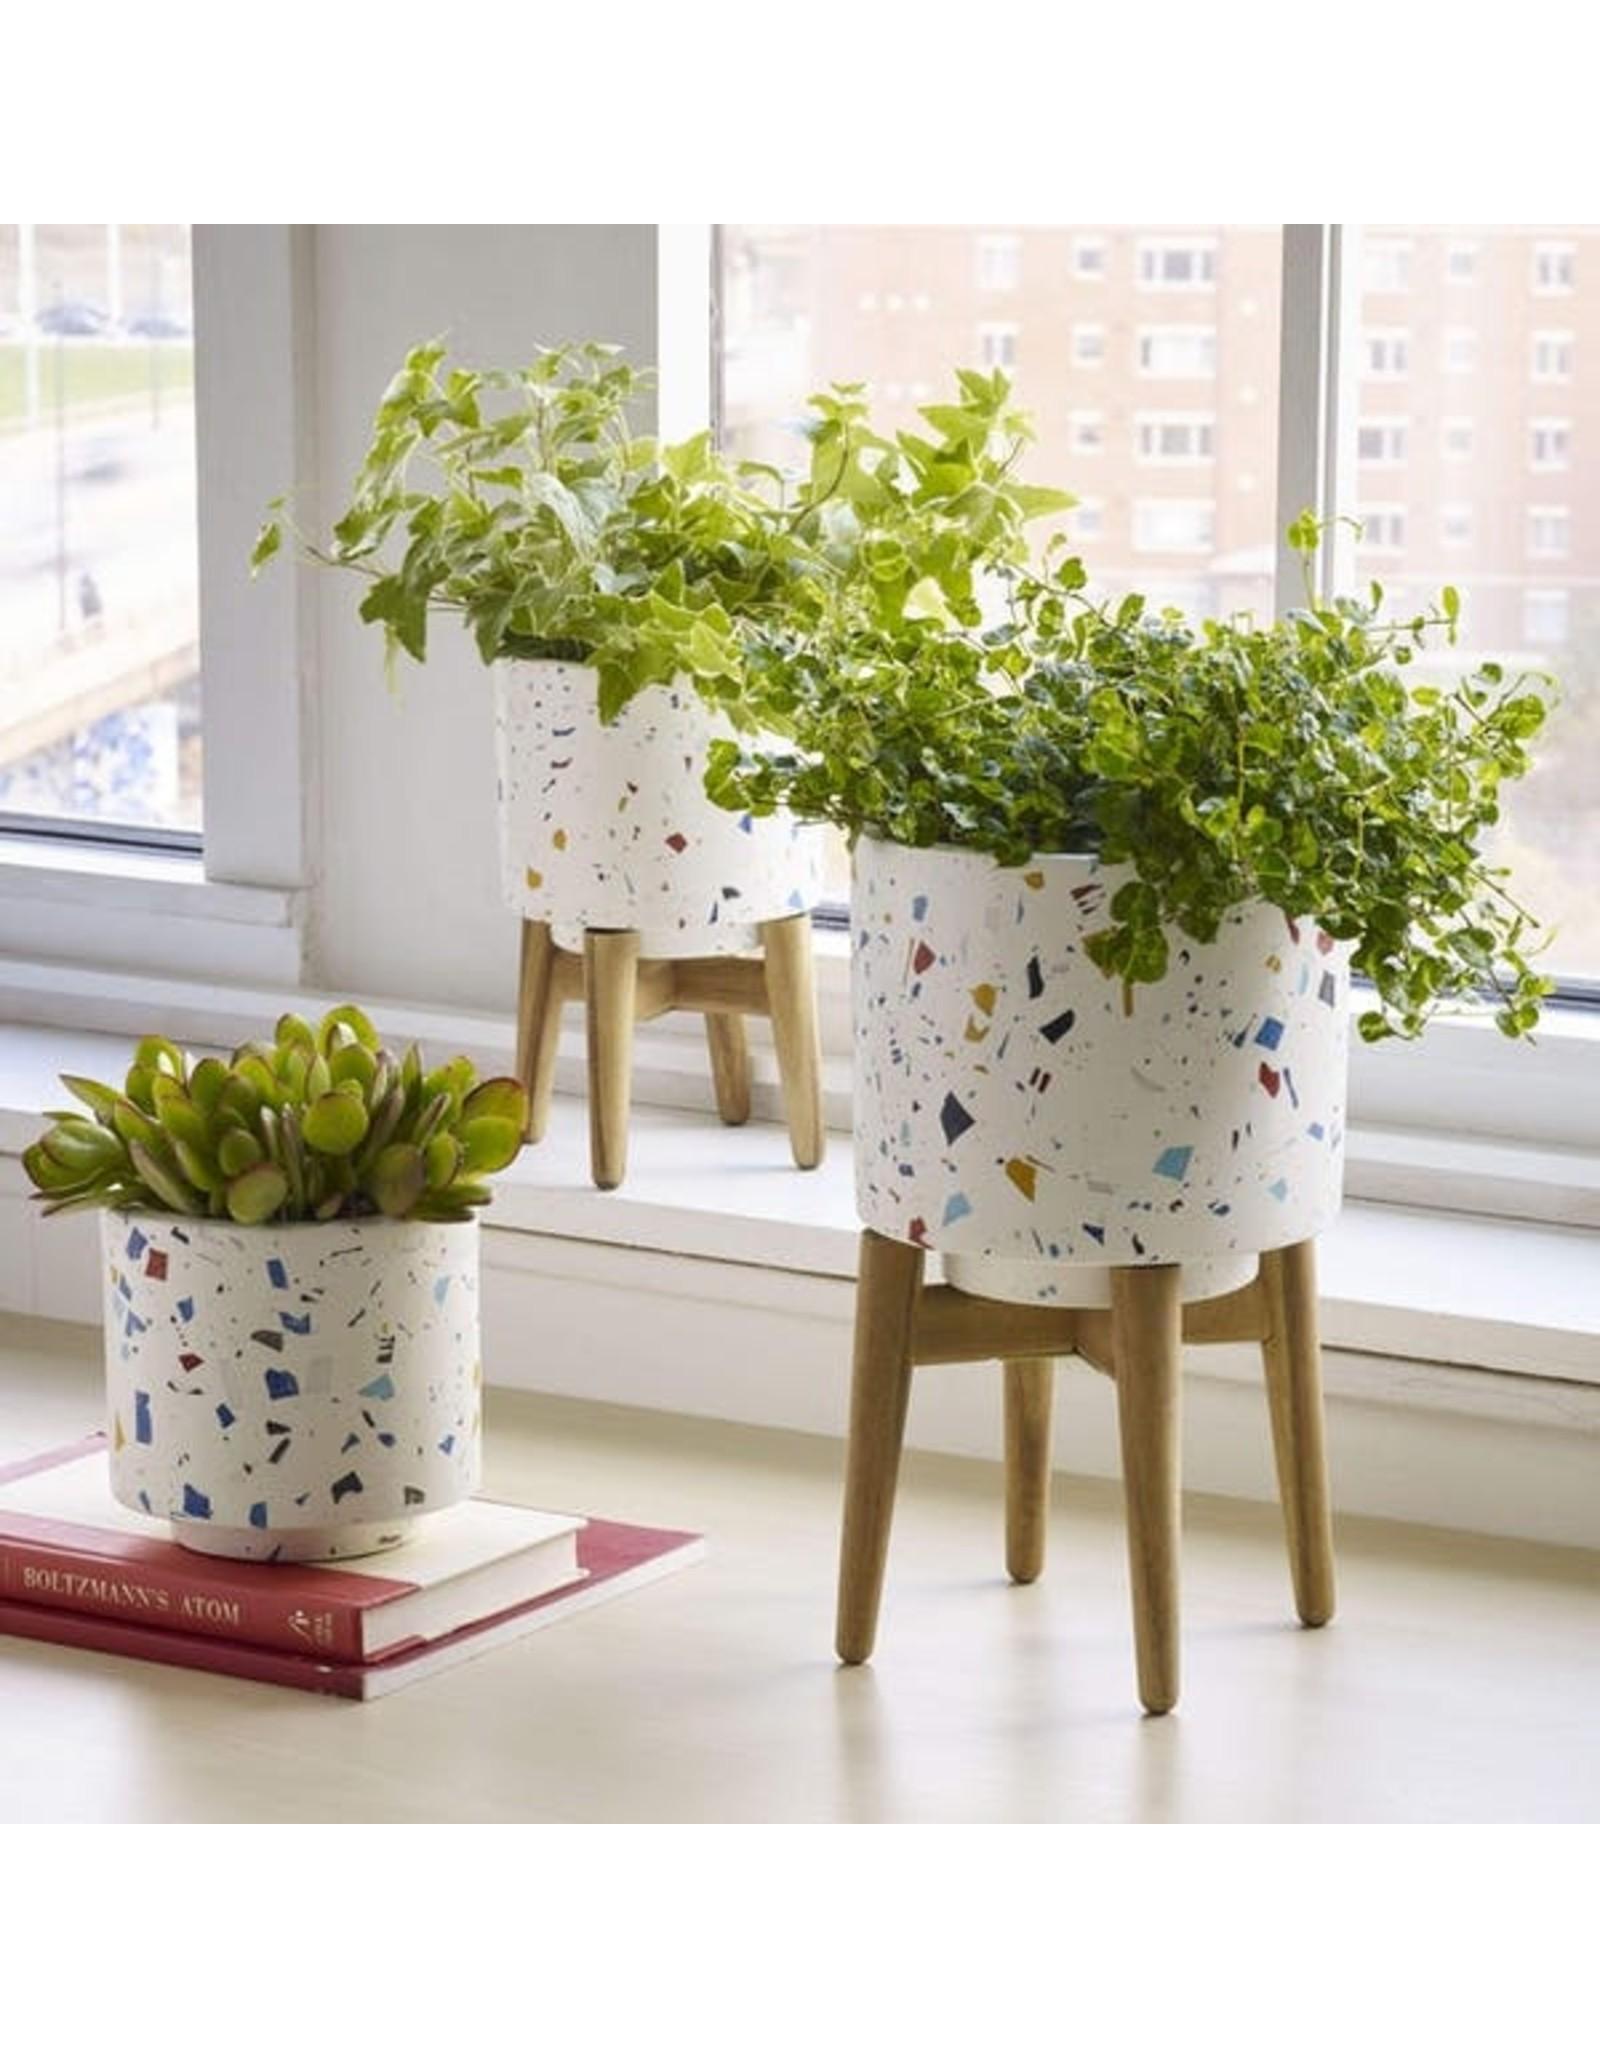 Terrazzo Planter with Legs - Small